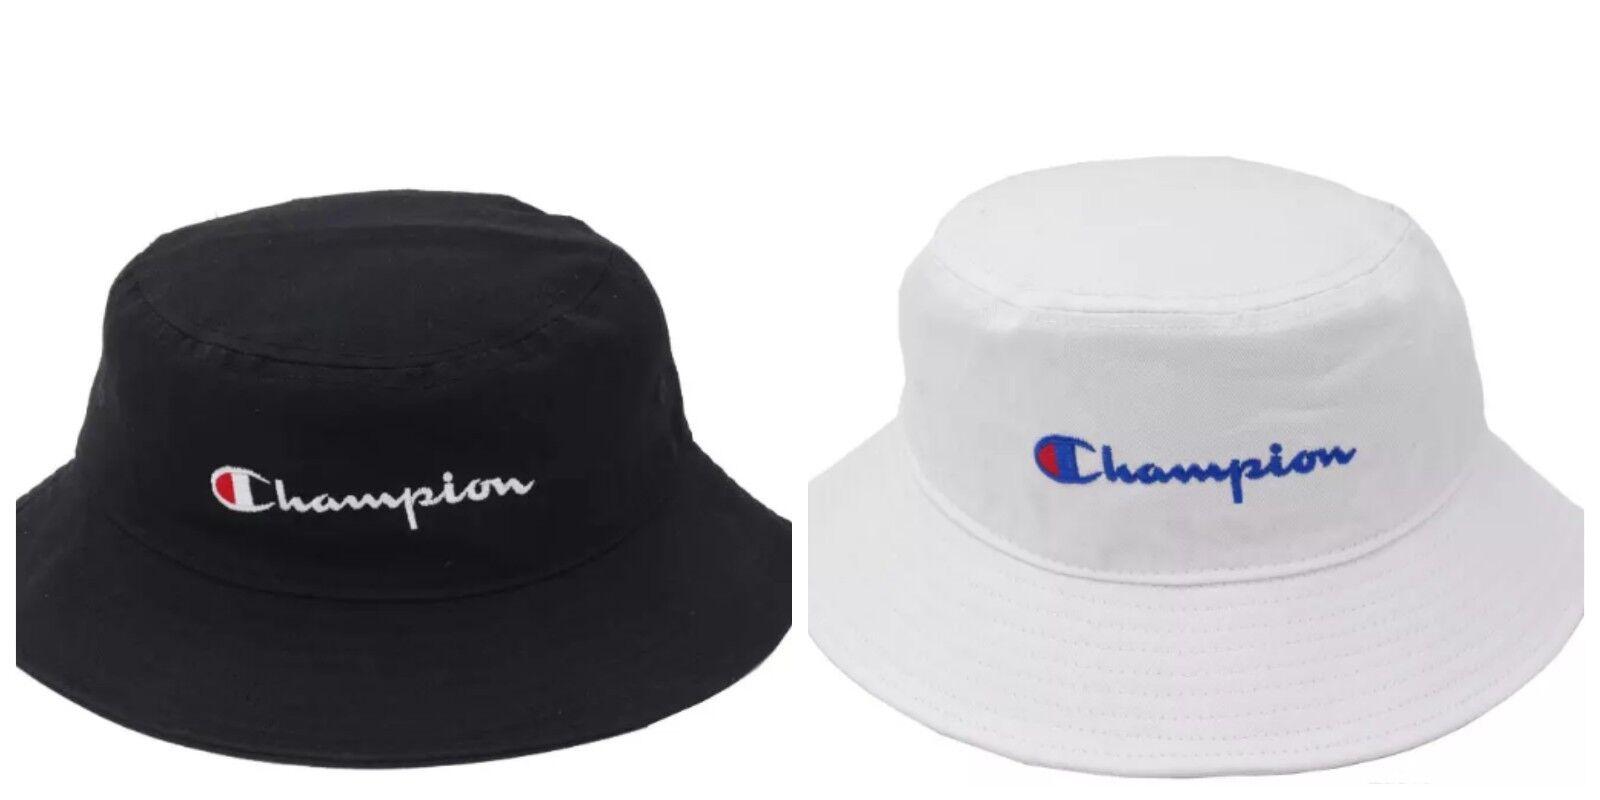 trampki różnie najlepsza cena Details about 2019 Champion Bucket Cap Hat Black White Snapback Free Size  Adjustable New